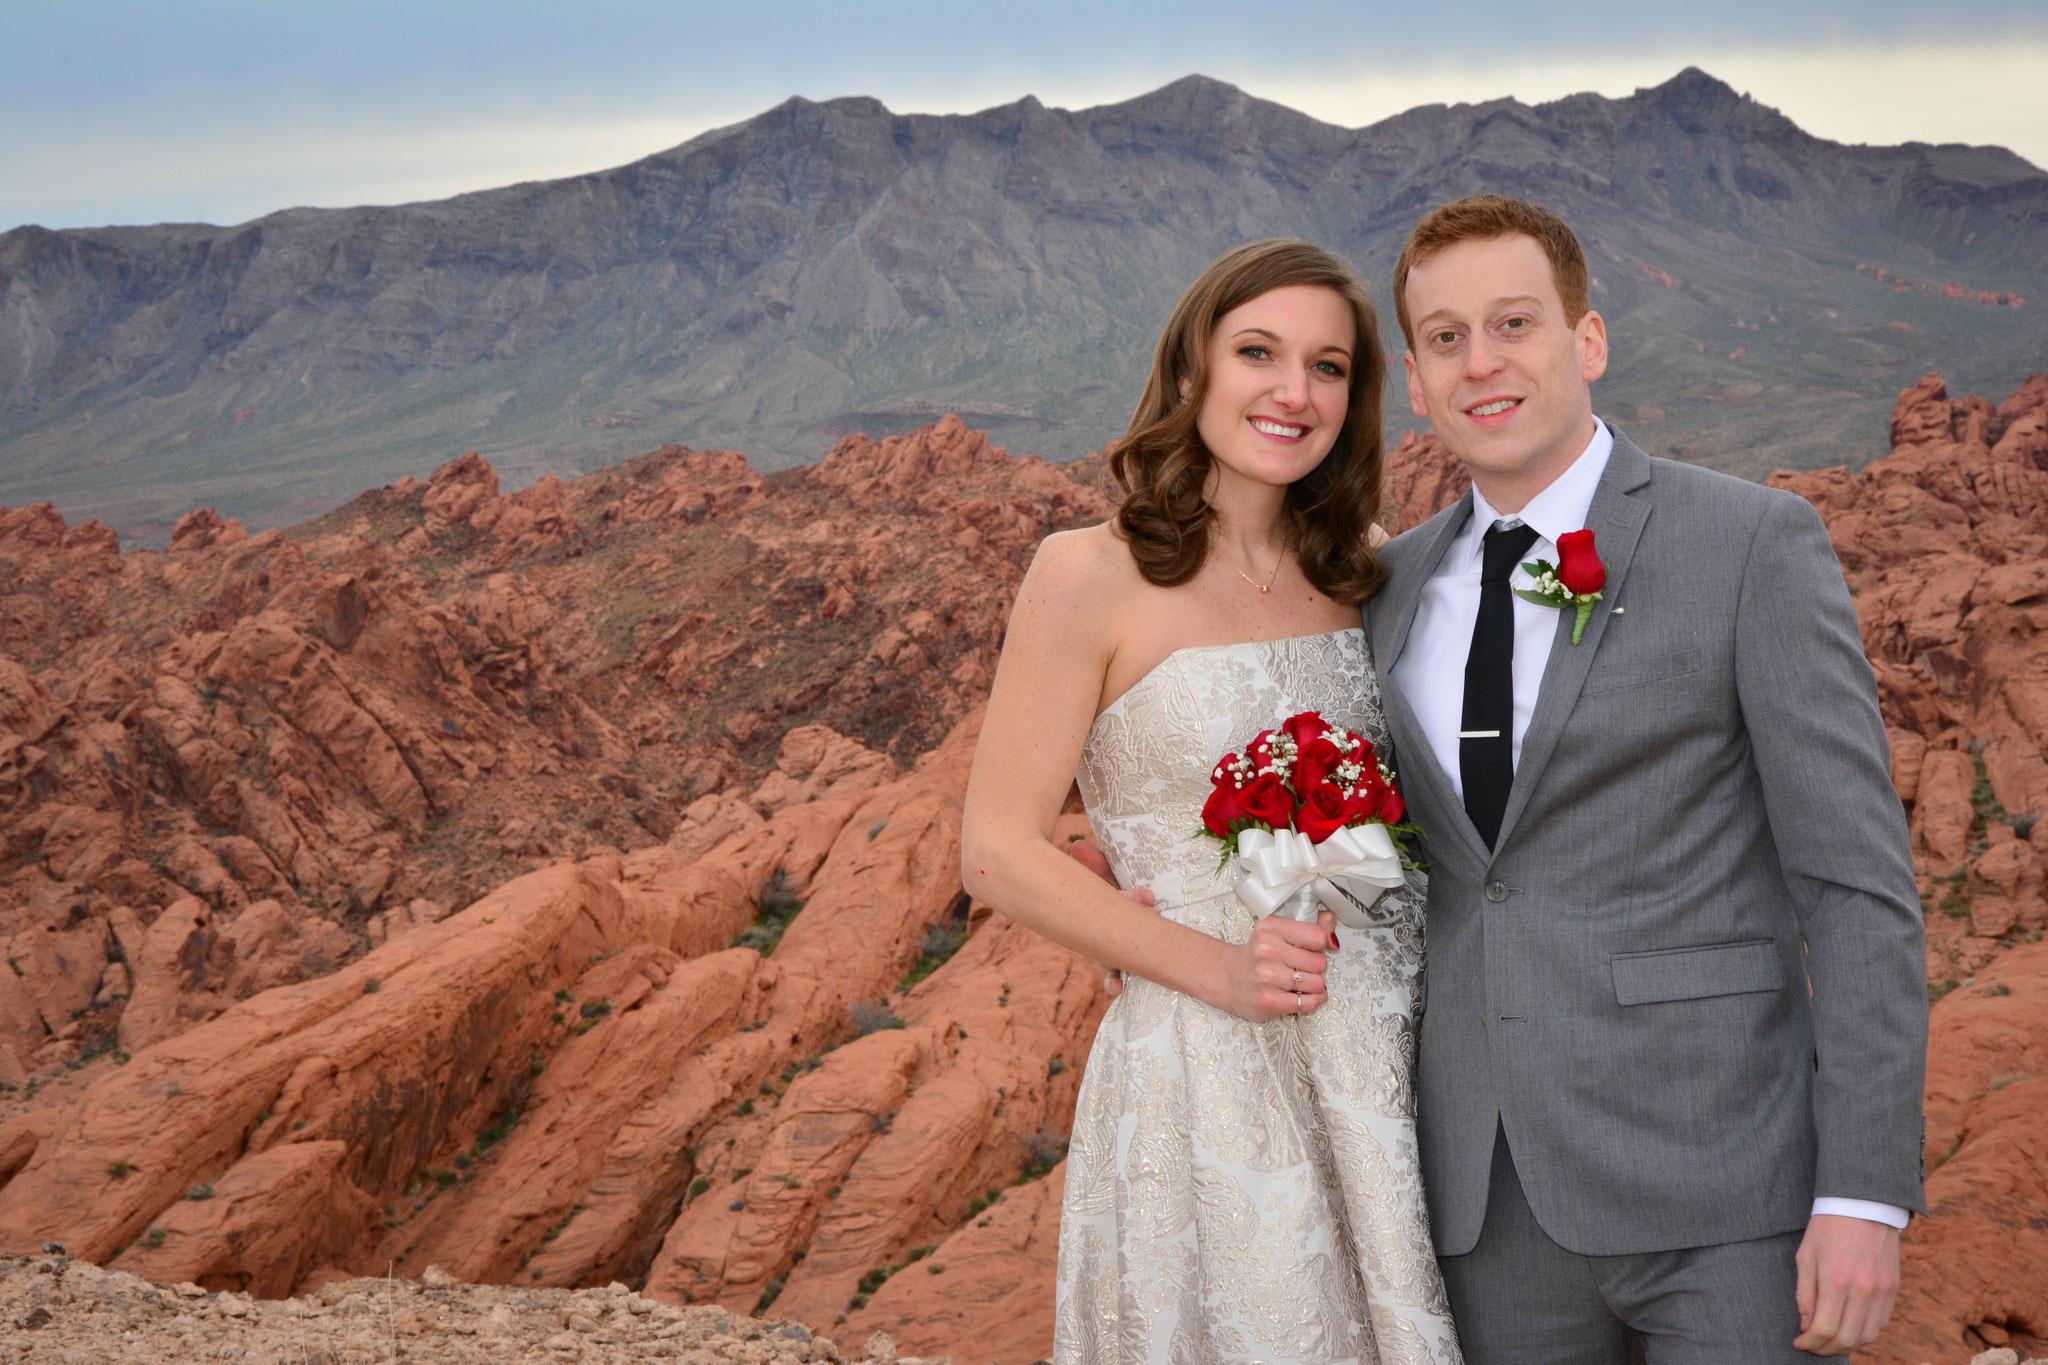 Das Brautpaar genießt die Wüstenlandschaft im Vallez of Fire